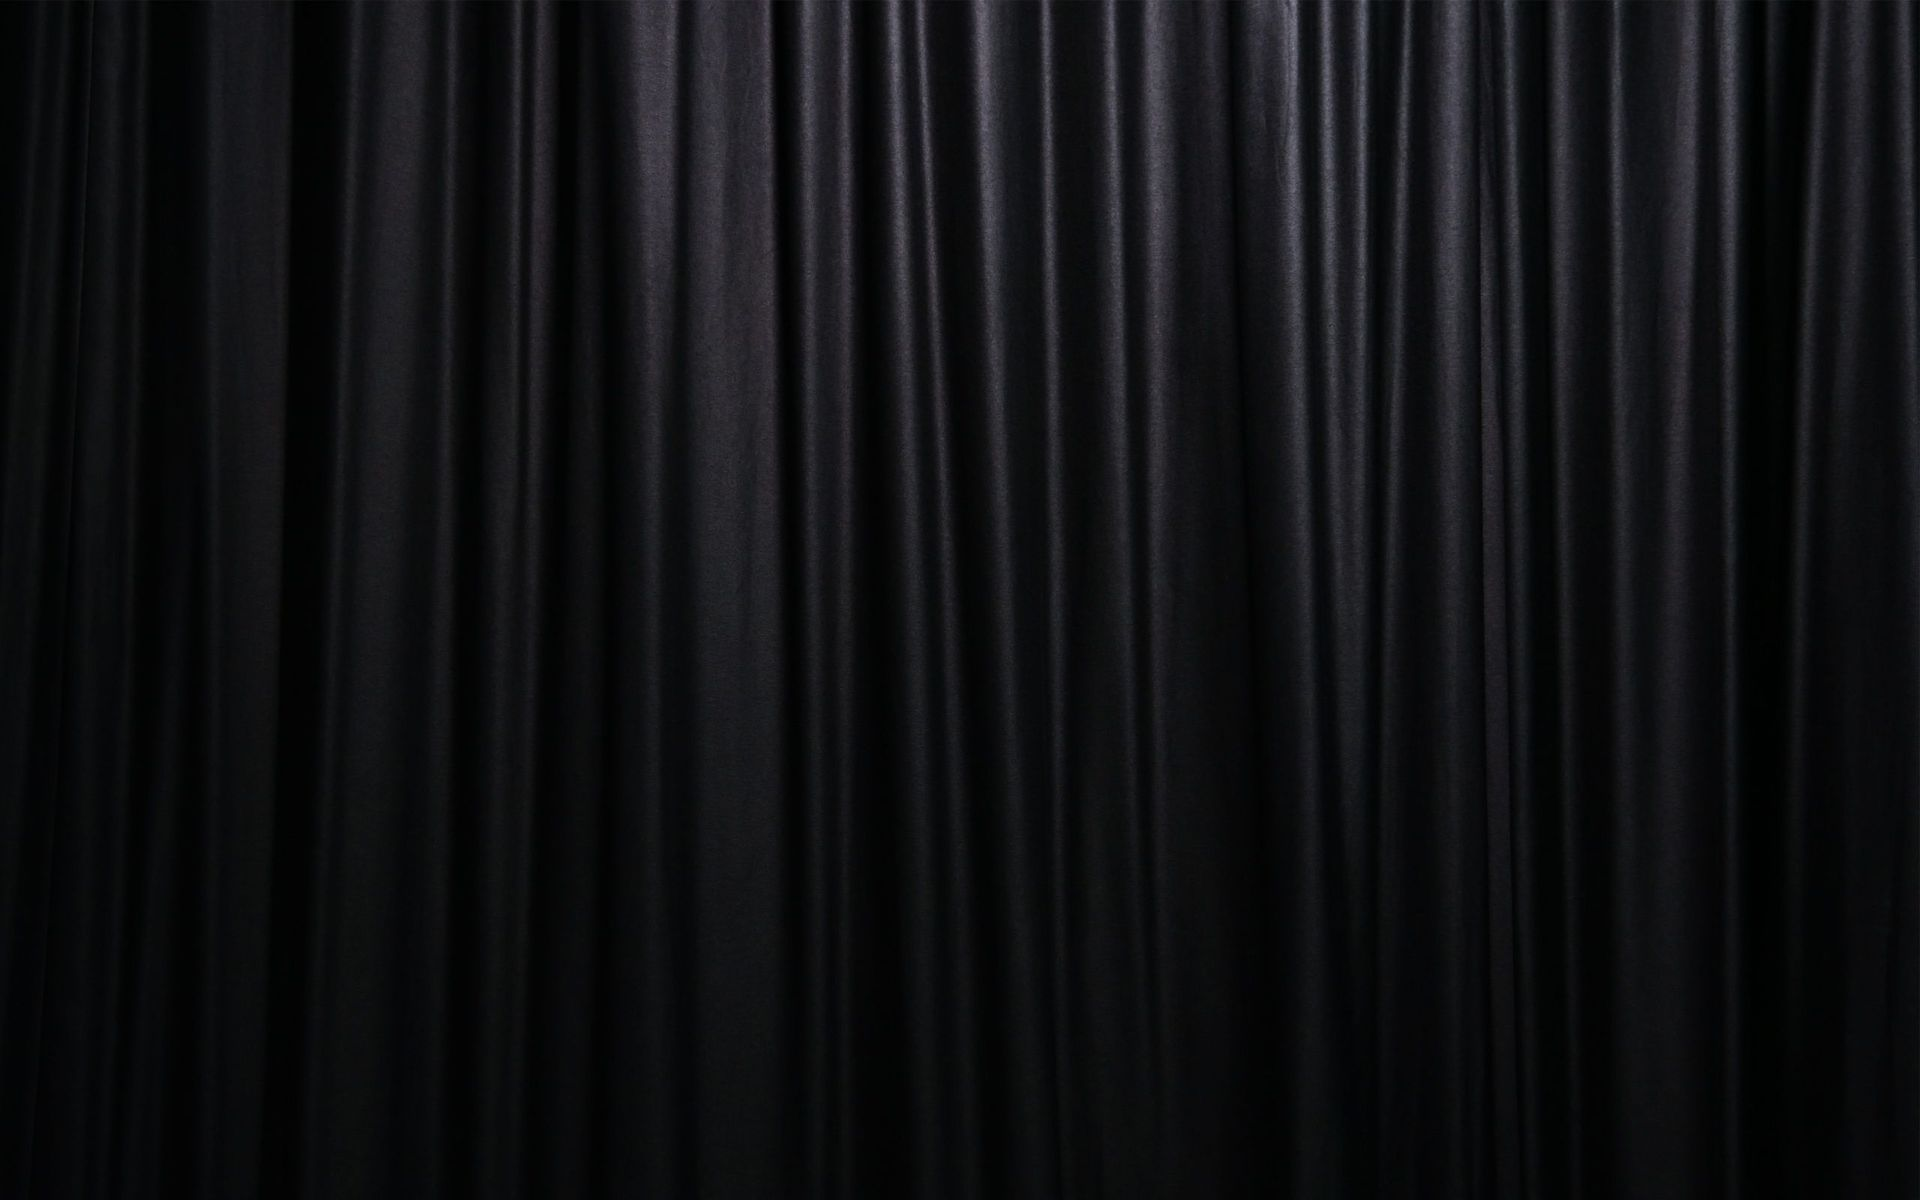 White curtain wallpaper - Black Curtain Wallpaper 17296